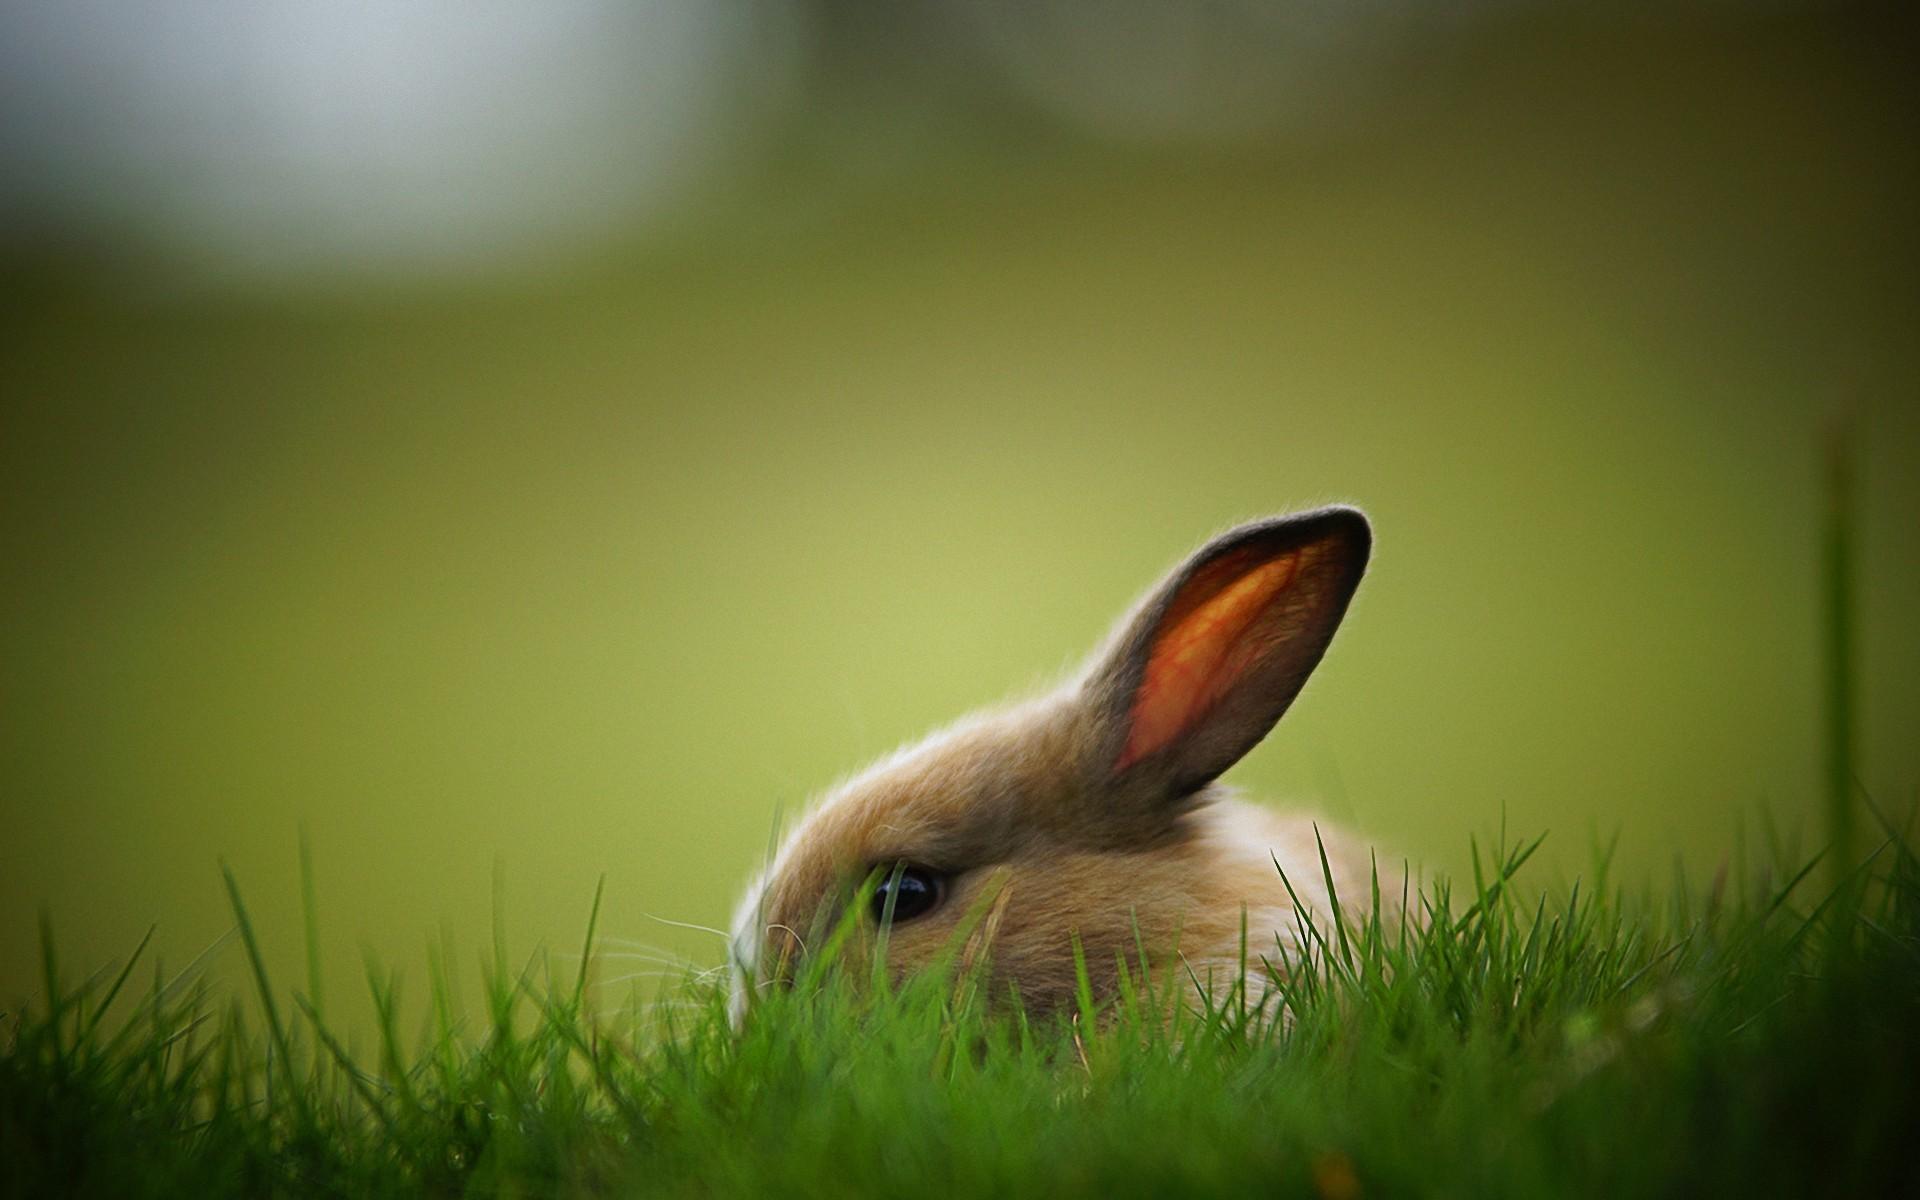 Rabbit Computer Wallpapers Desktop Backgrounds